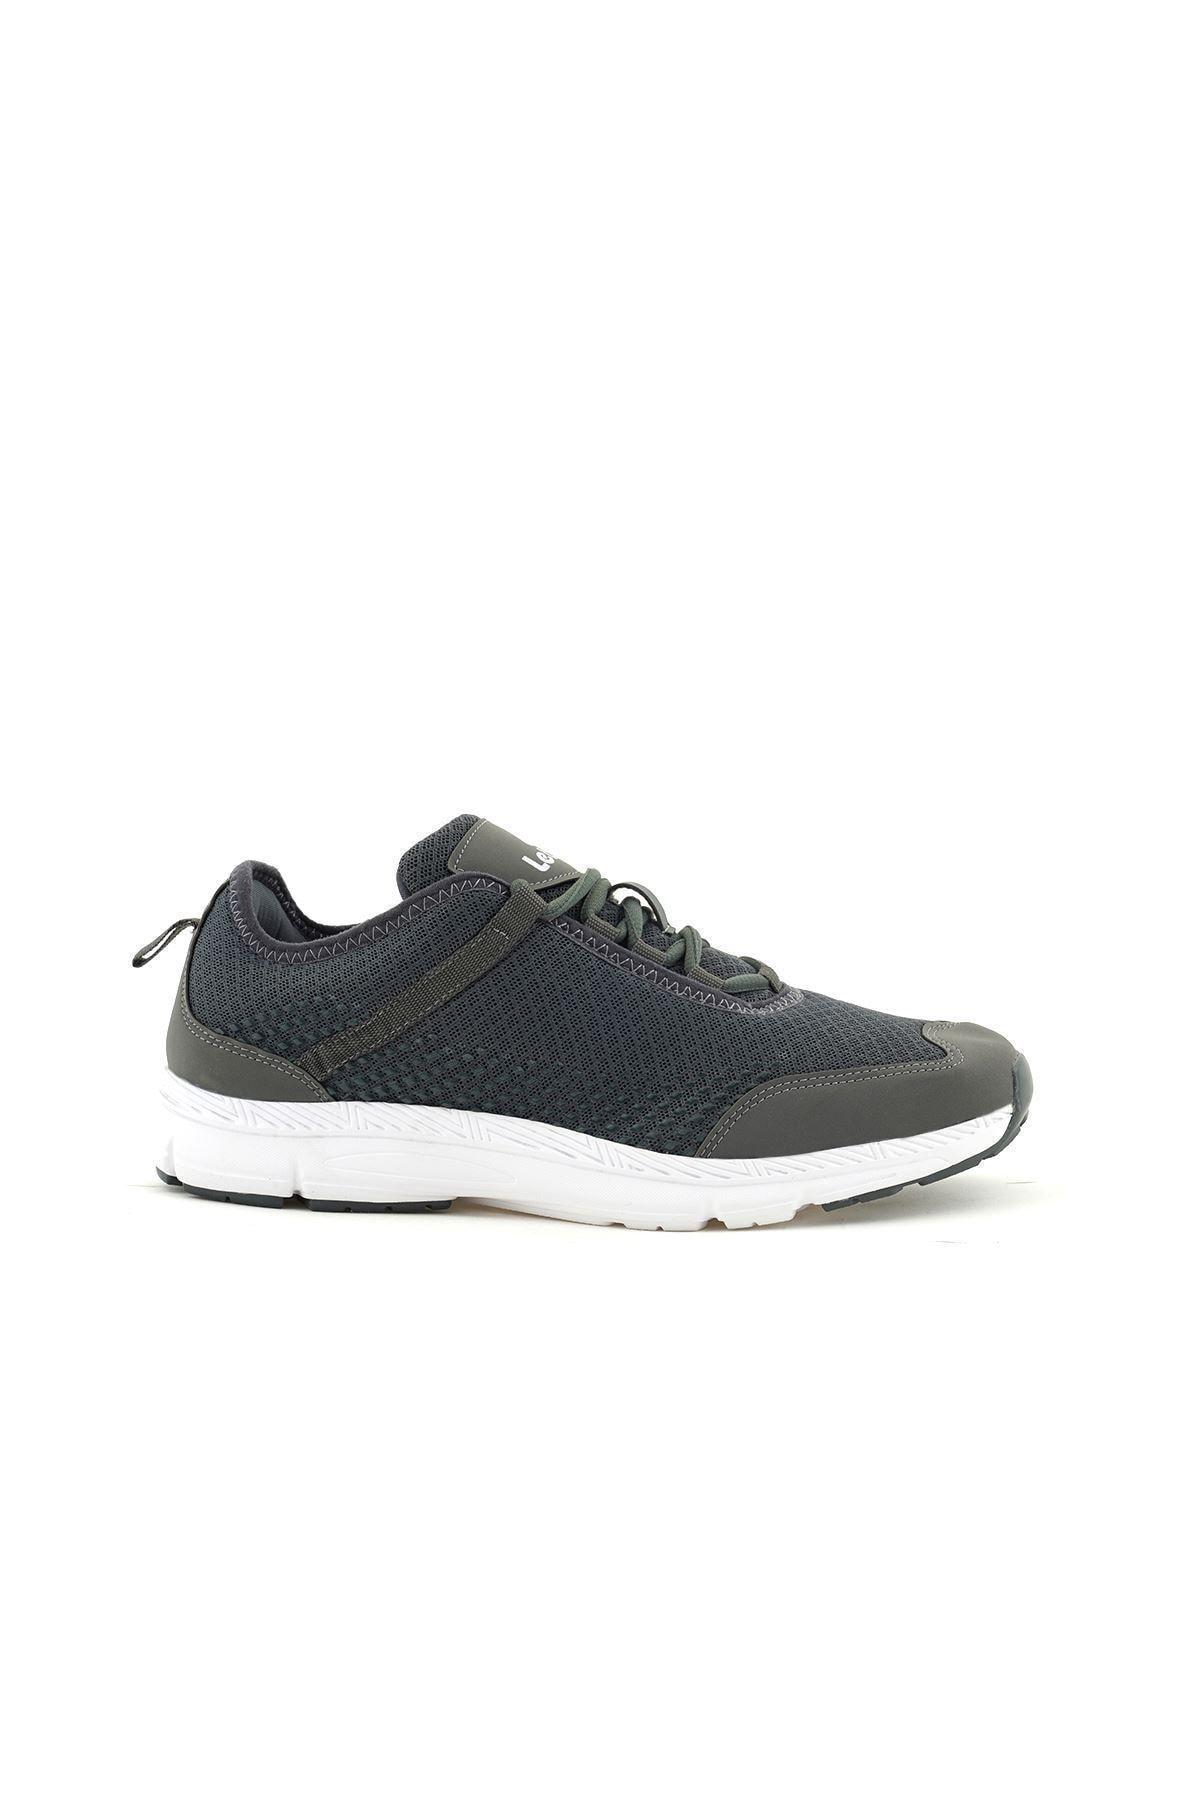 LETOON Unisex Casual Ayakkabı - 6105GR 1